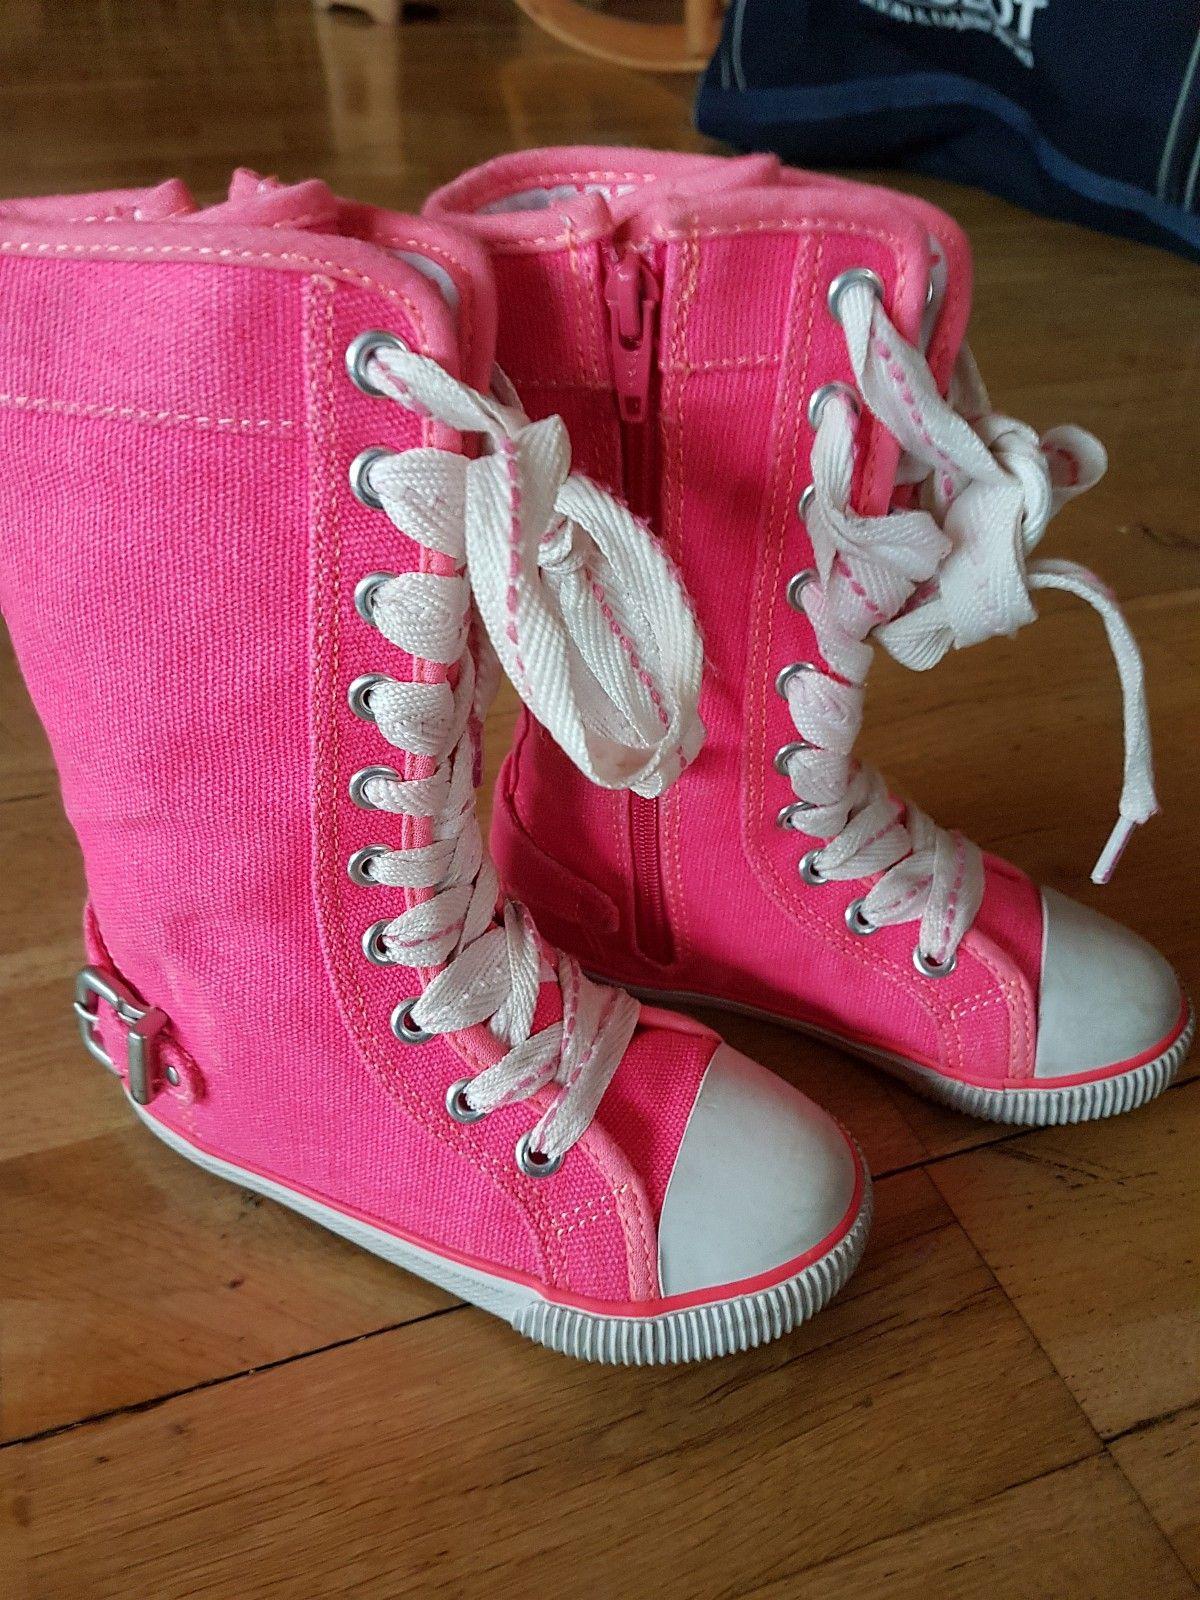 8313554fb69 NEXT vakre høye sneakers STR 24 | FINN.no